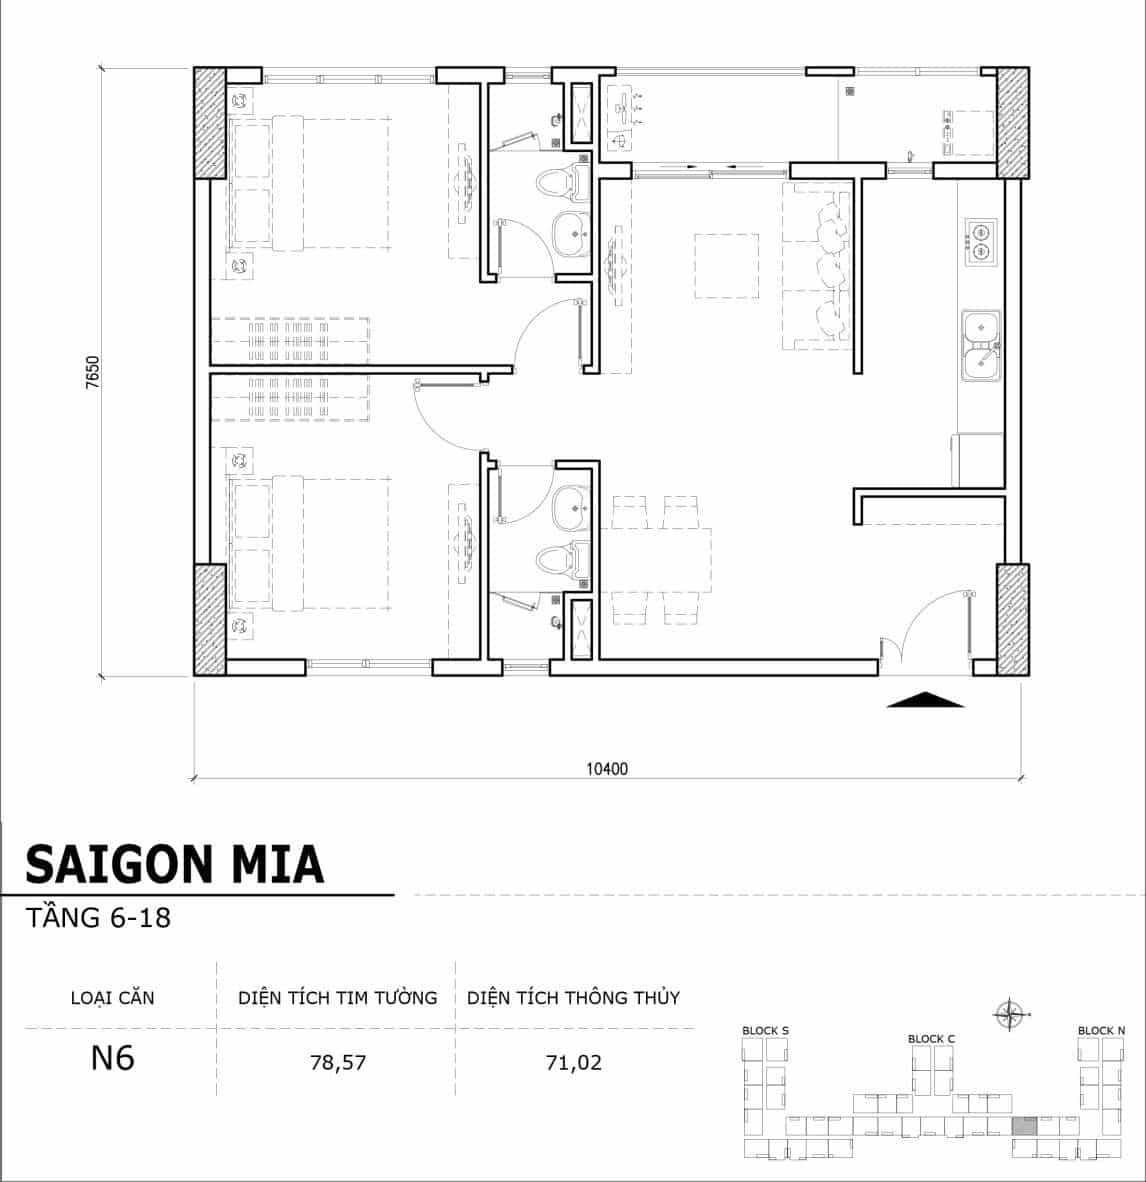 Chi tiết thiết kế căn hộ điển hình tầng 6-18 dự án Sài Gòn Mia - Căn N6